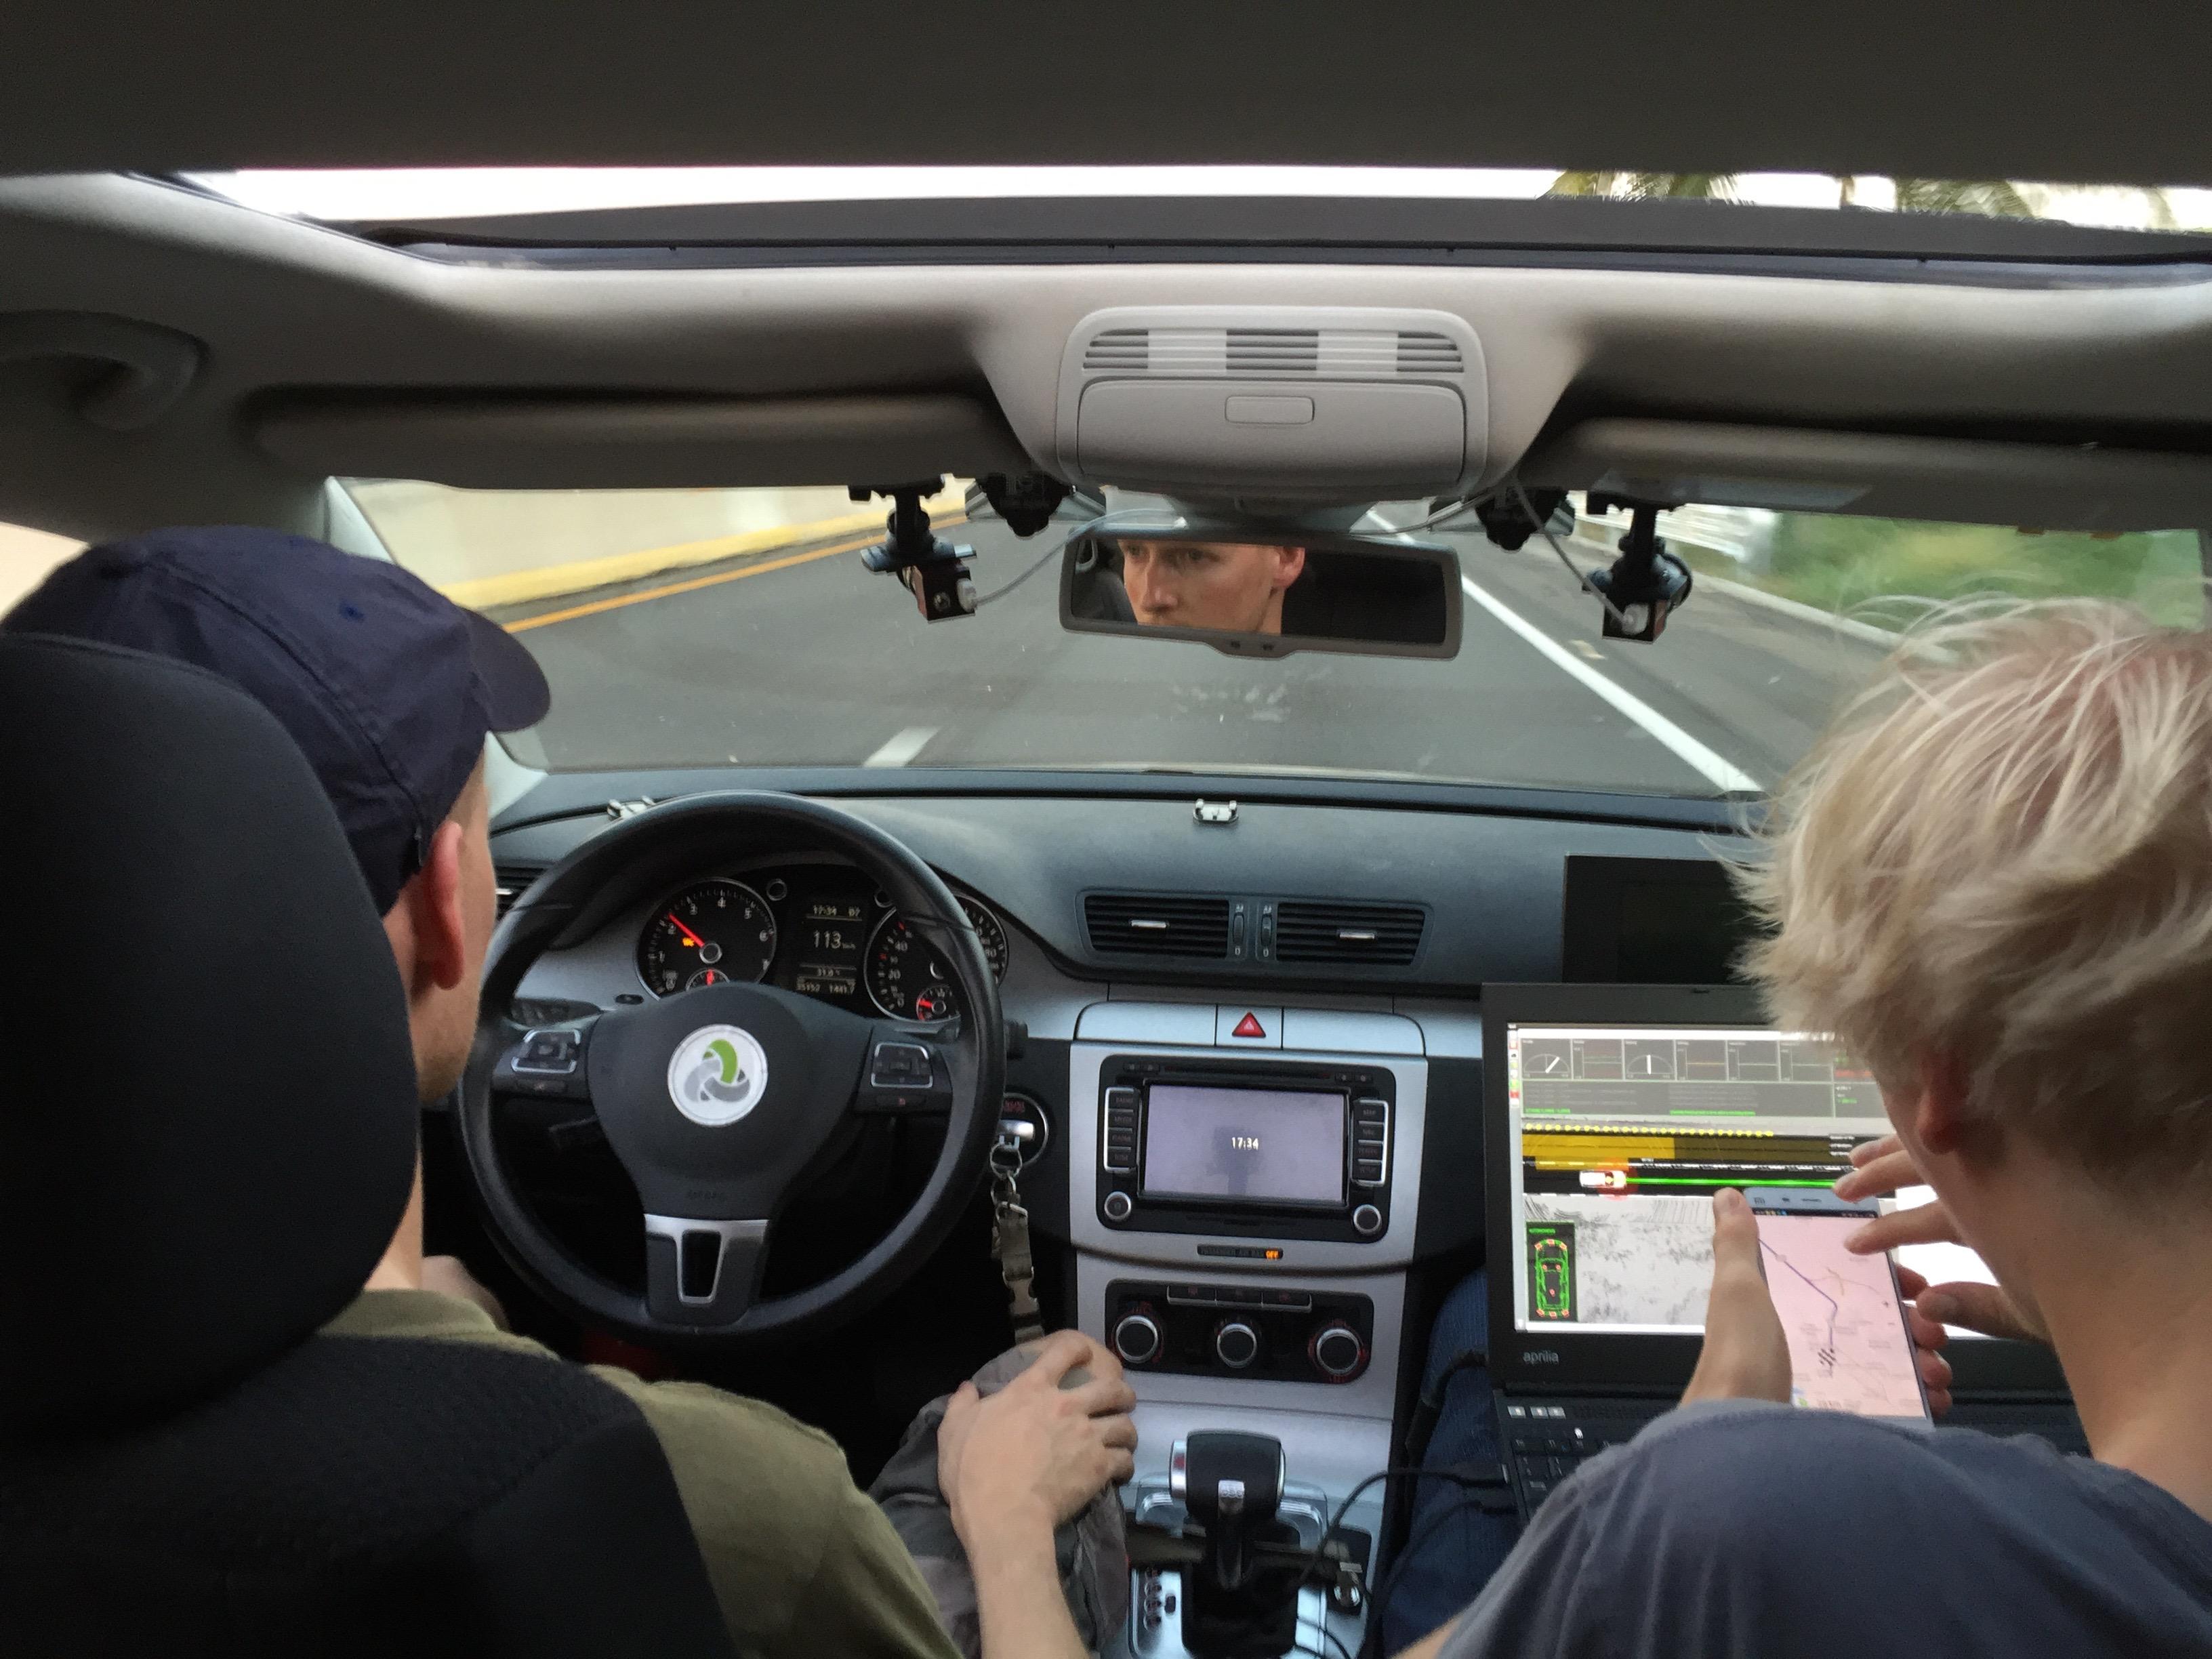 Автомобиль <i>AutoNOMOS</i> вдвижении.